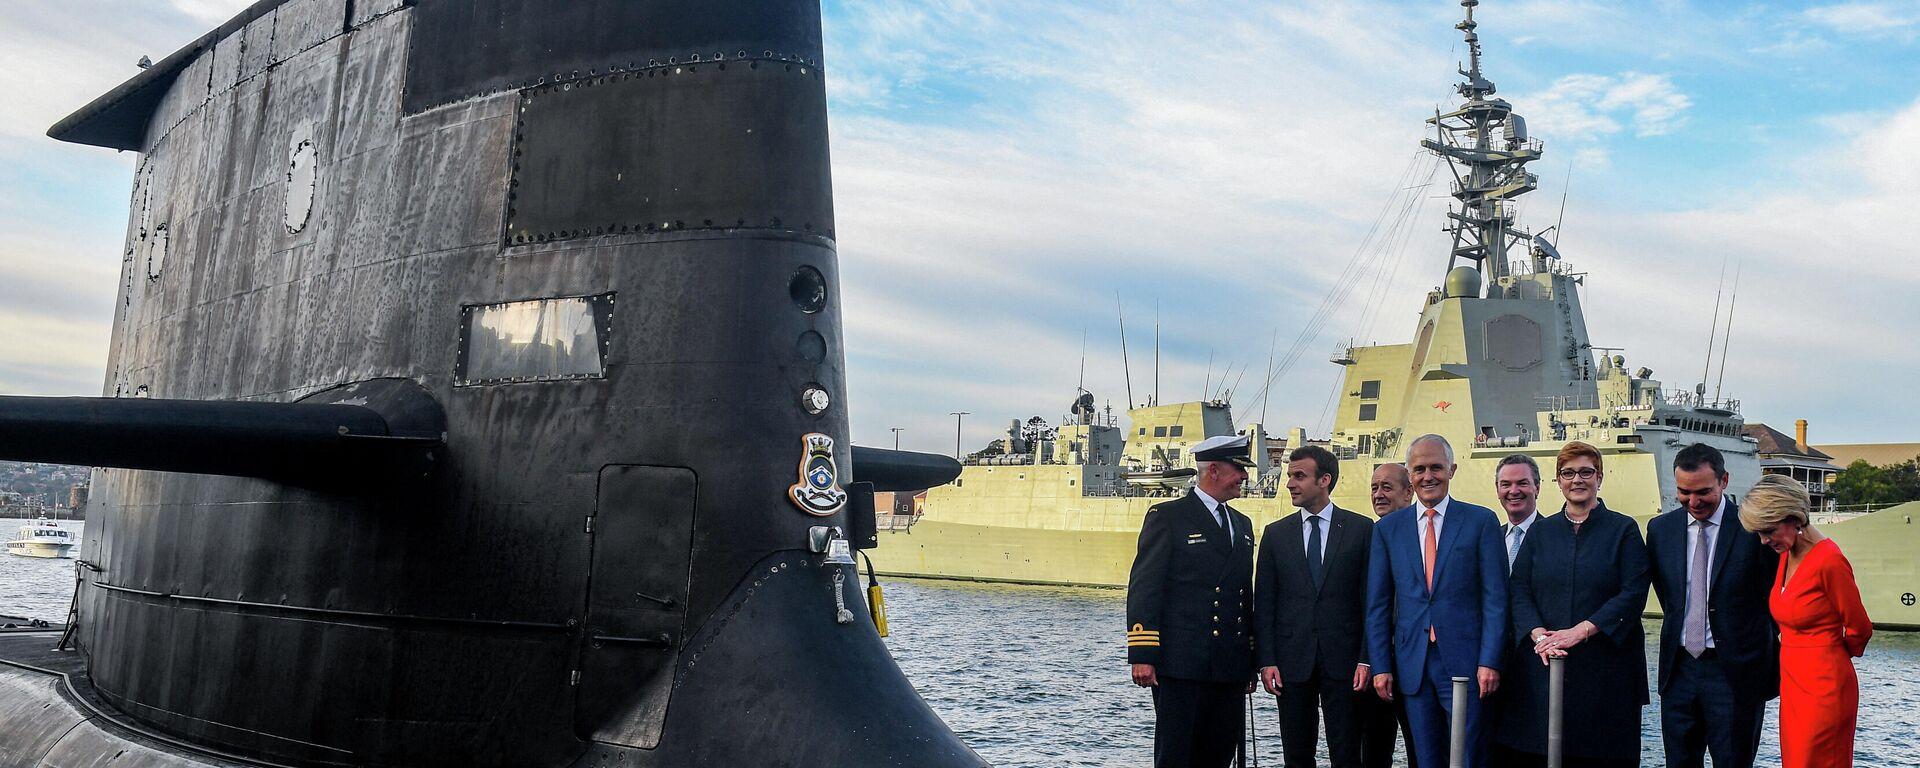 Avustralya ve Fransa arasındaki denizaltı anlaşması- Emmanuel Macron - Sputnik Türkiye, 1920, 16.09.2021